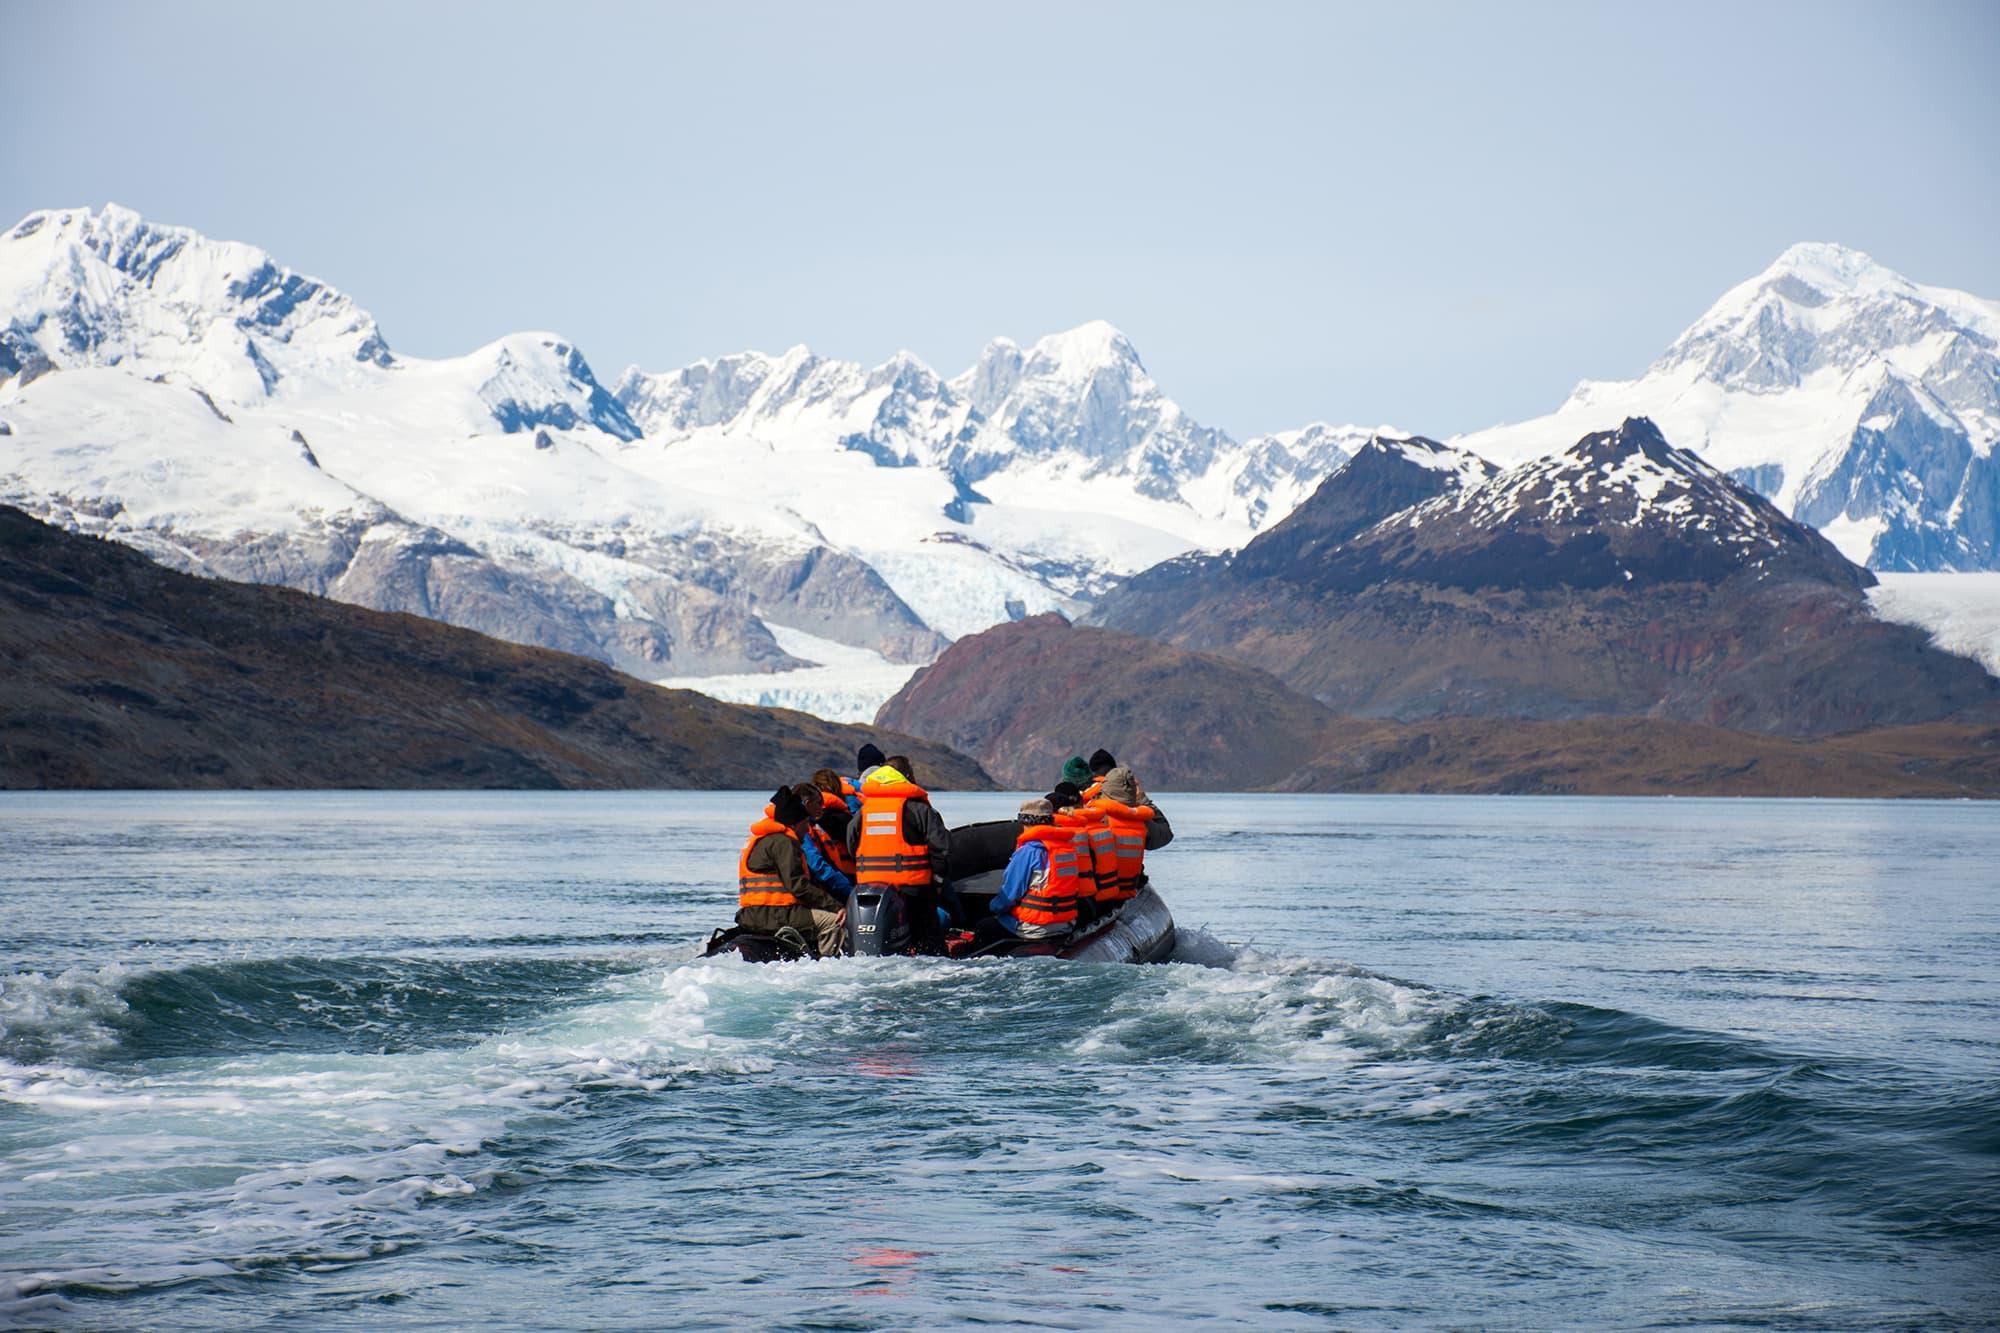 Crucero: Exploradores de la Patagonia - Ushuaia - Punta Arenas - Argentina- imagen #5